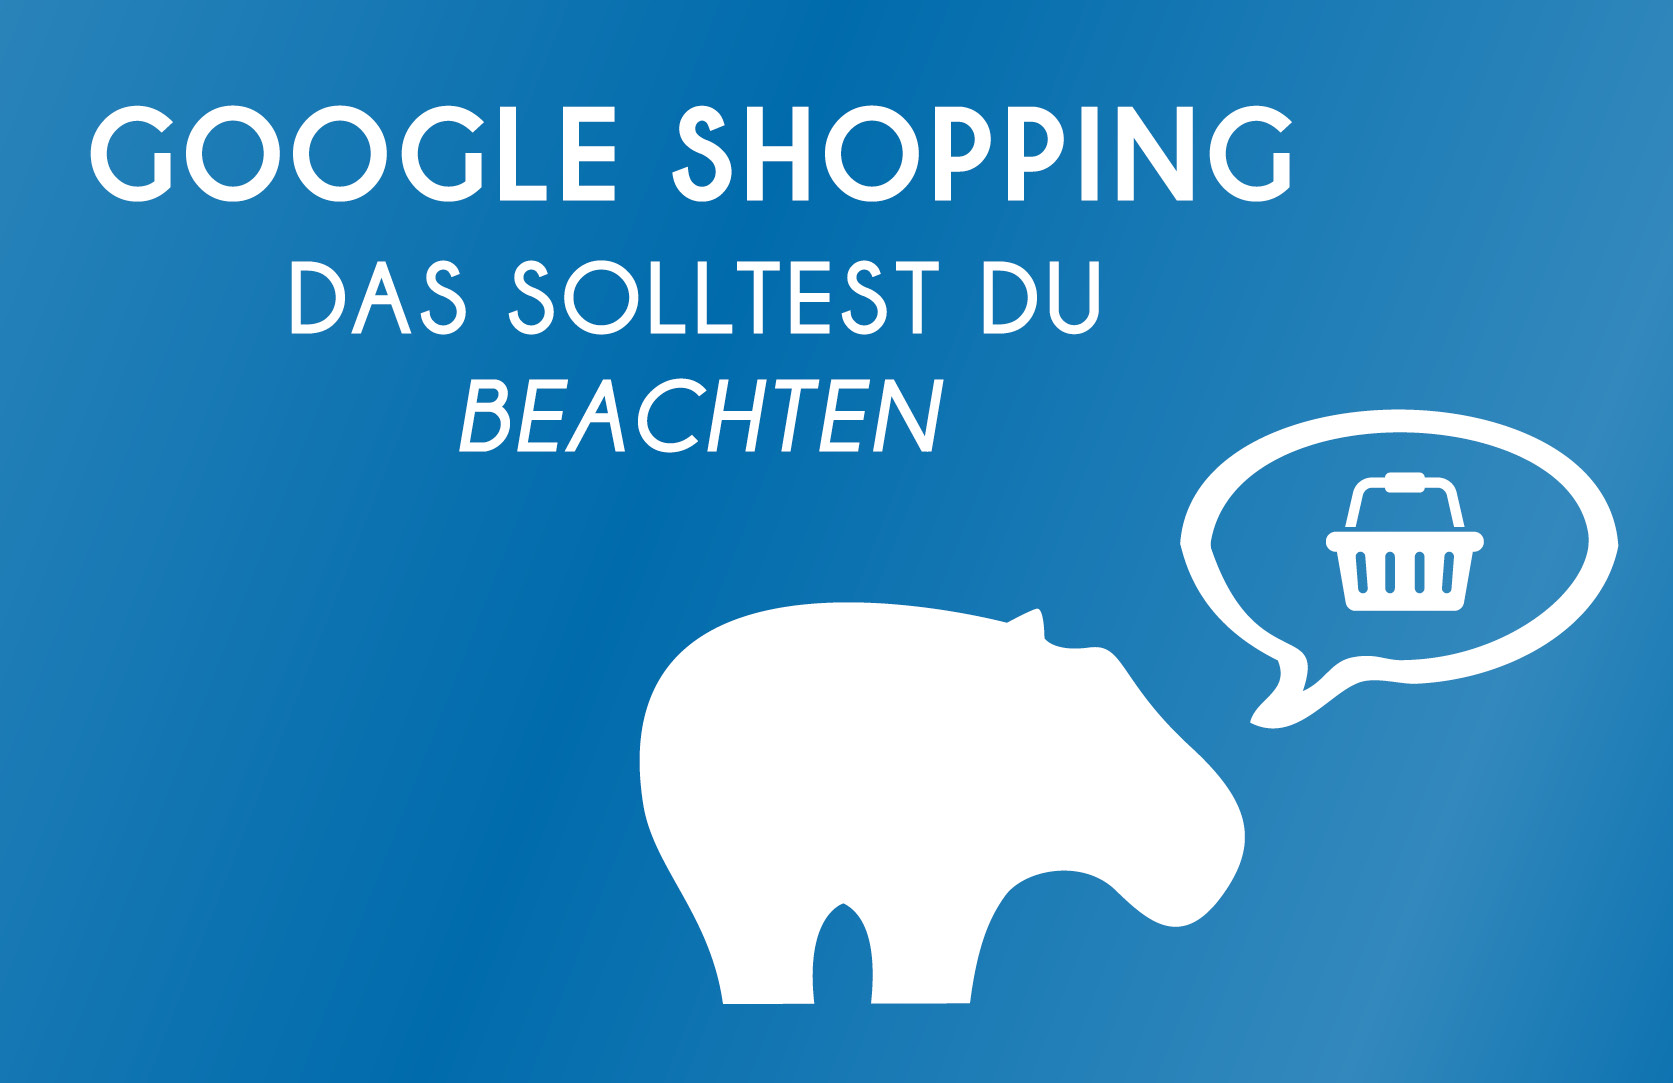 Google Shopping - Das solltest Du beachten wenn Du eione Google Shopping Kampagne erstellst